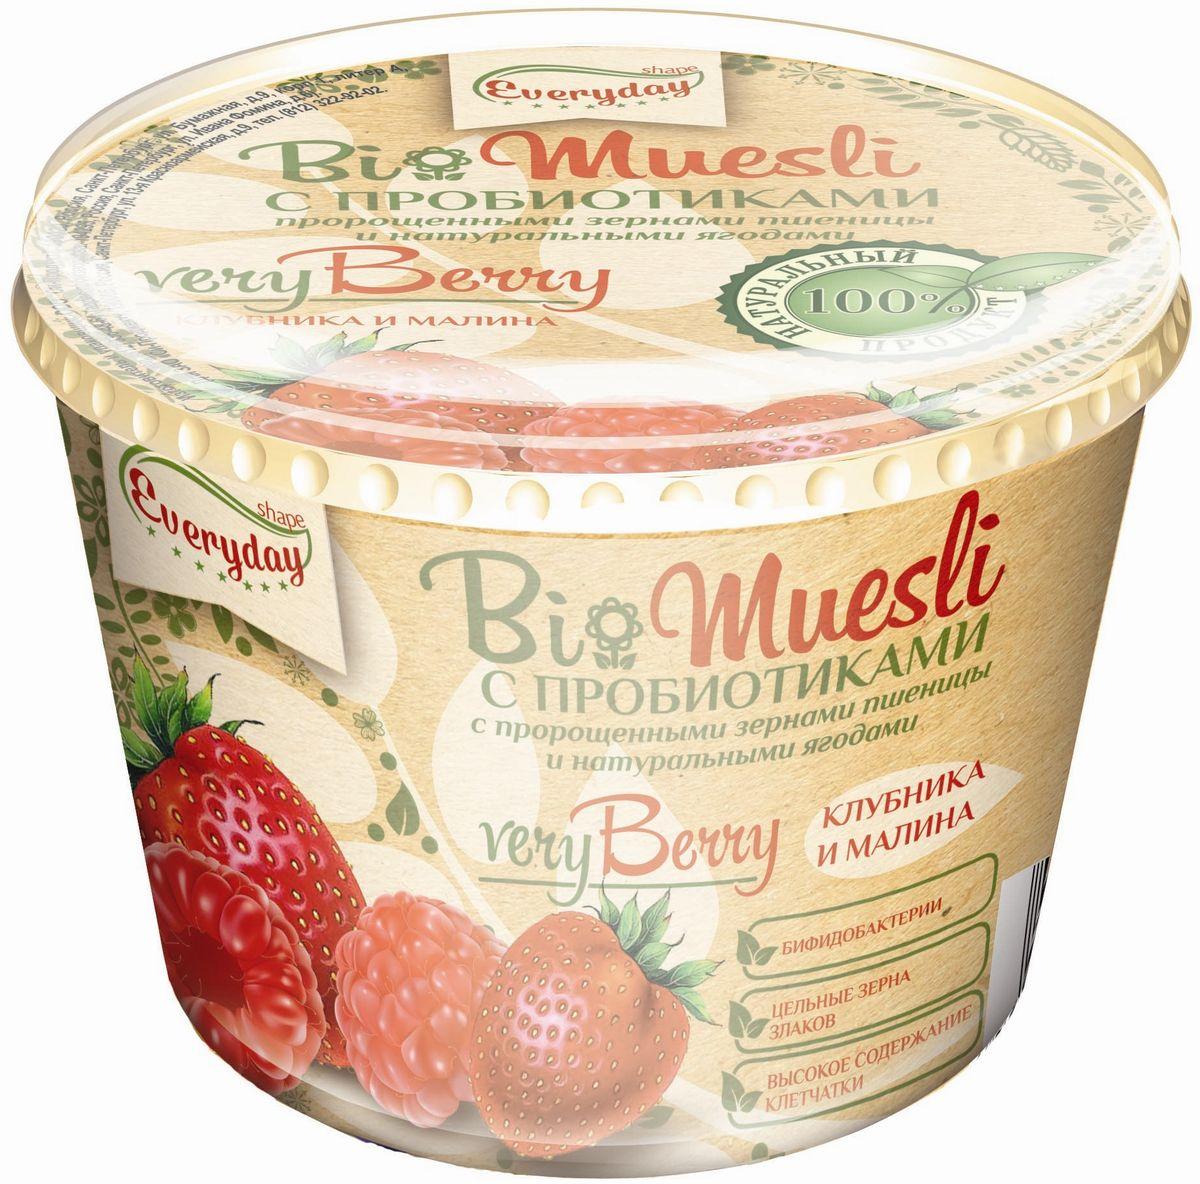 Everyday Bio мюсли с садовыми ягодами, 35 г (стакан)